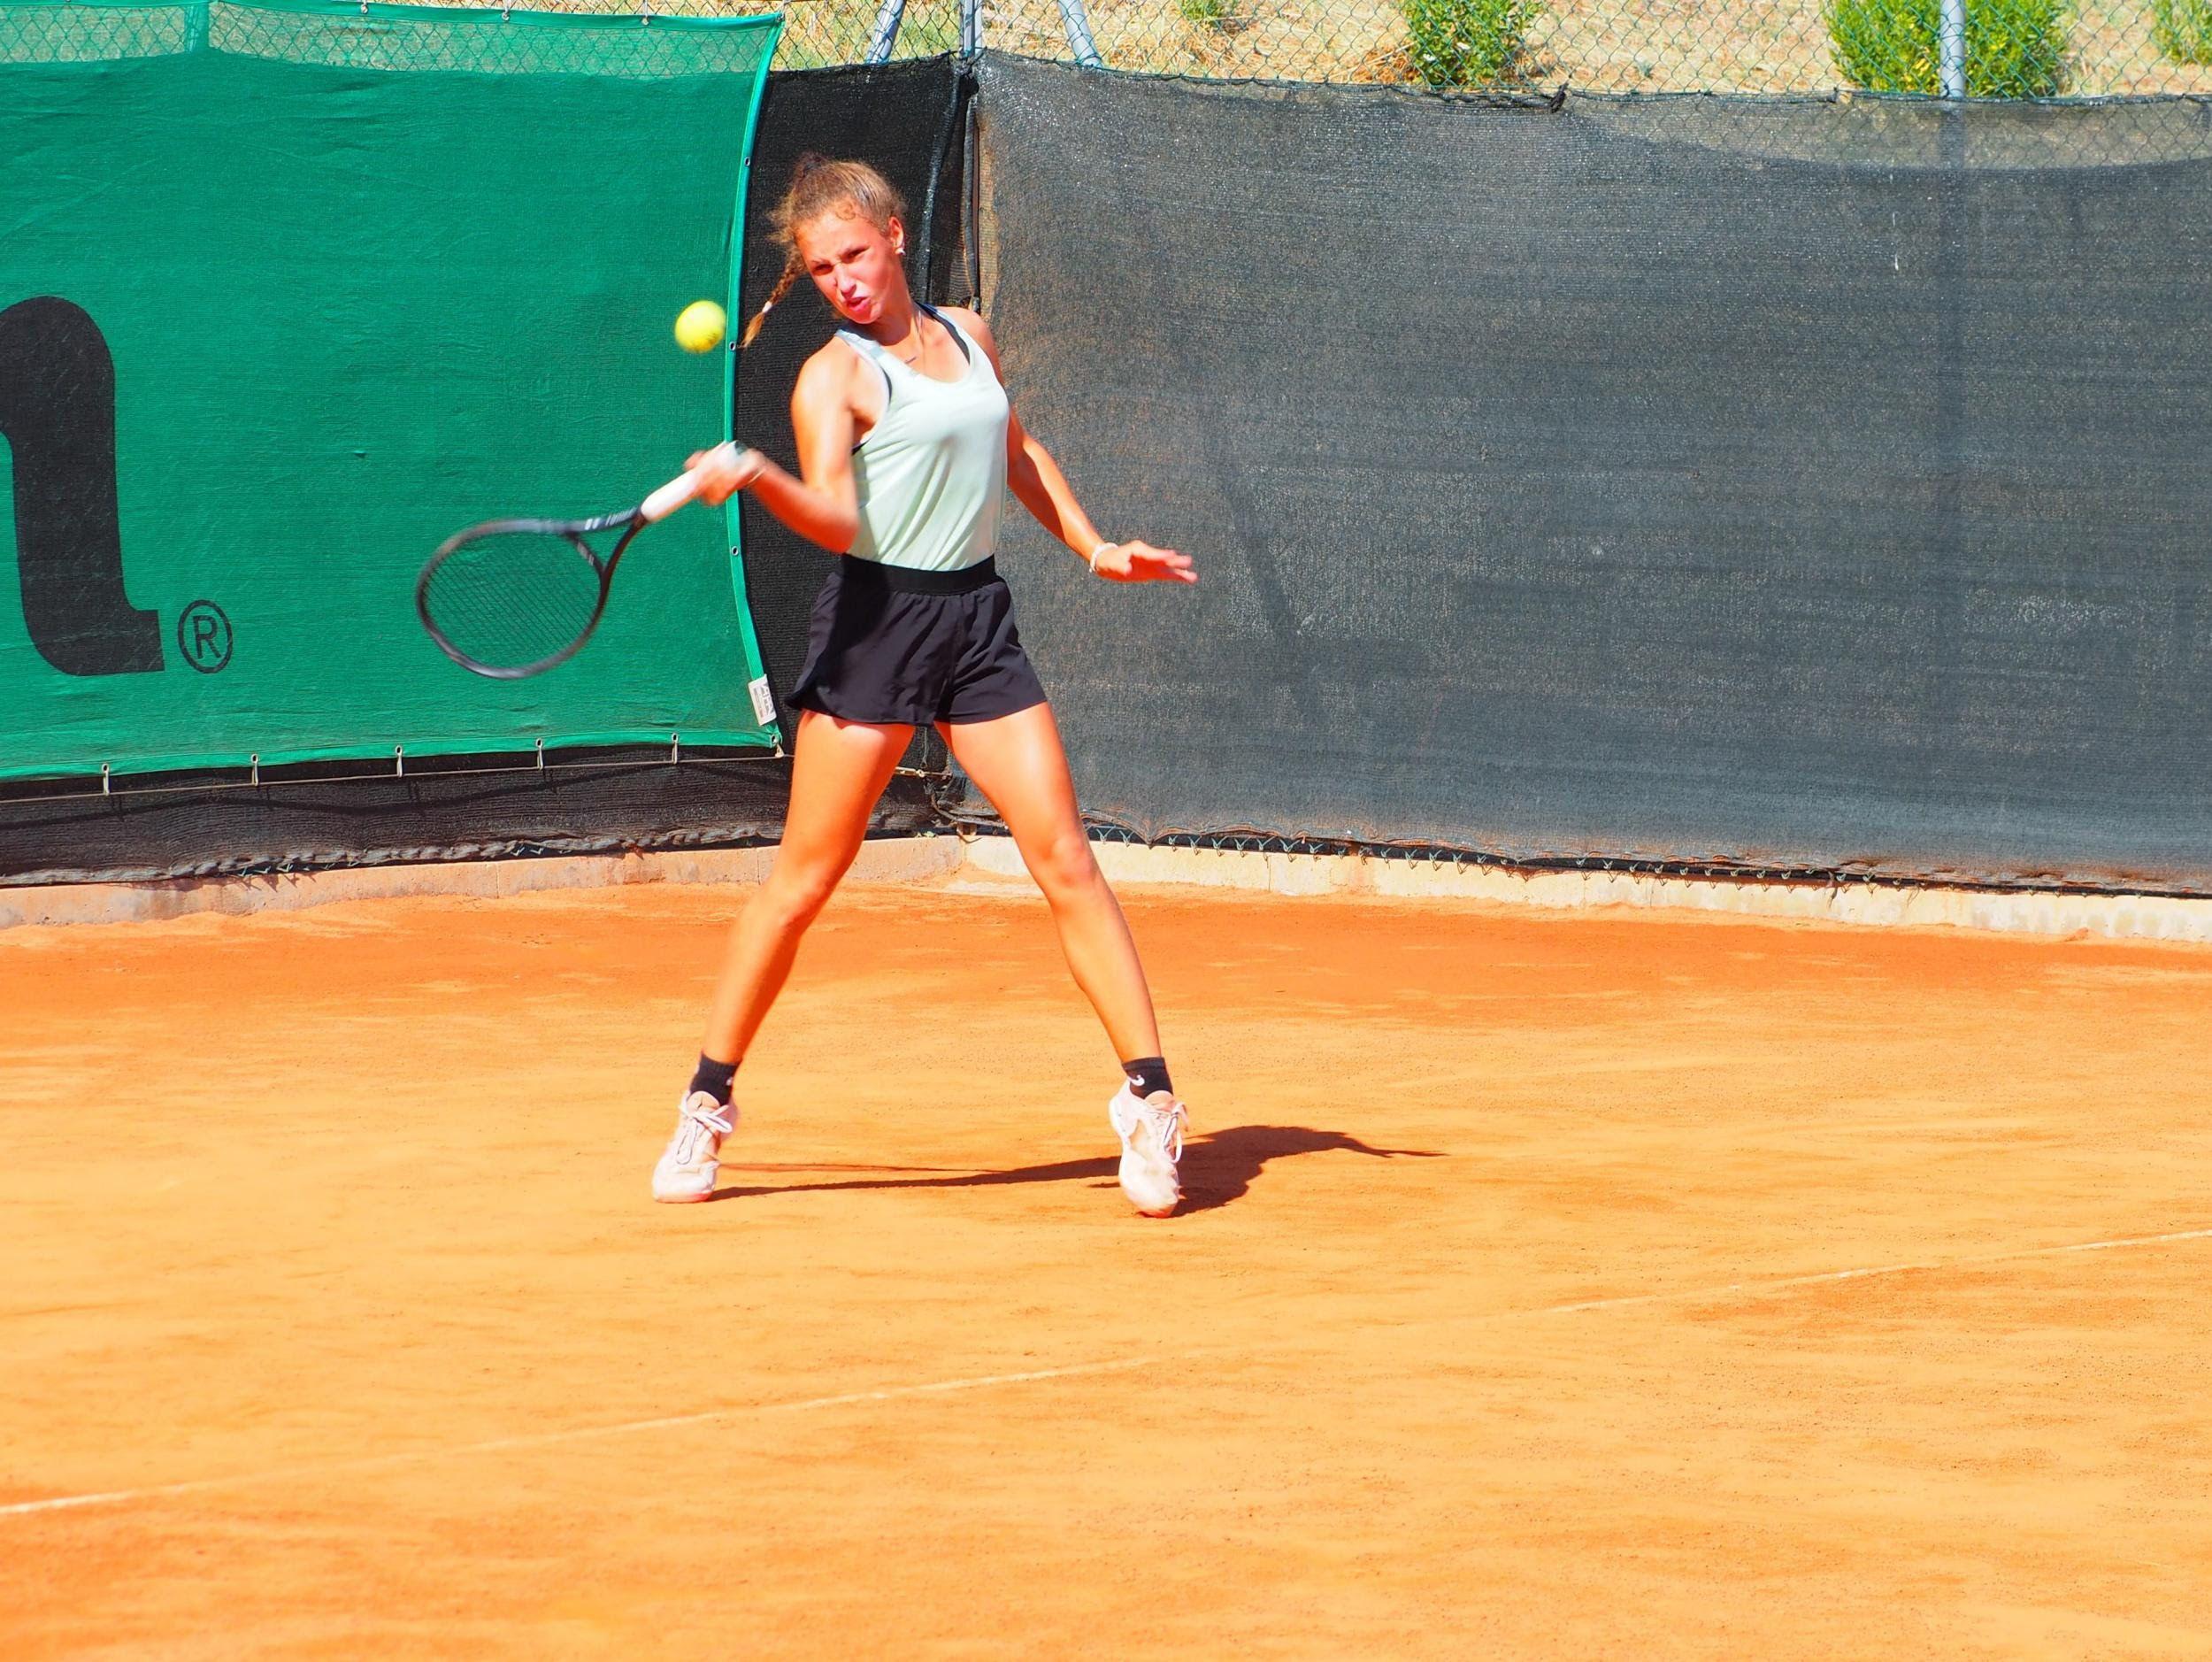 Kiara Zabkova nella foto